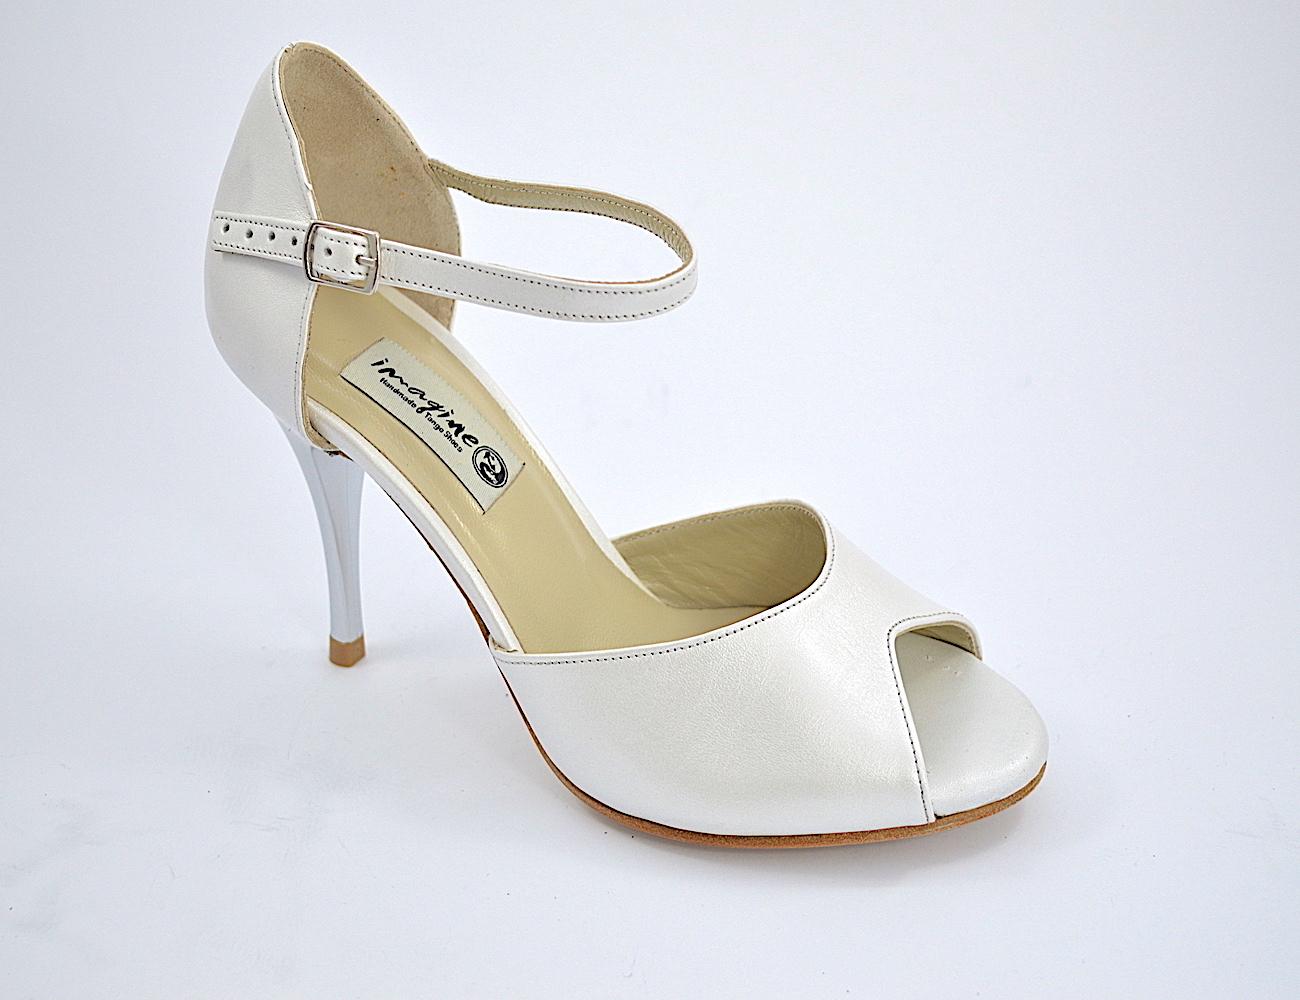 Νυφικό παπούτσι peep toe από ιδιαίτερο λευκό δέρμα πέρλα